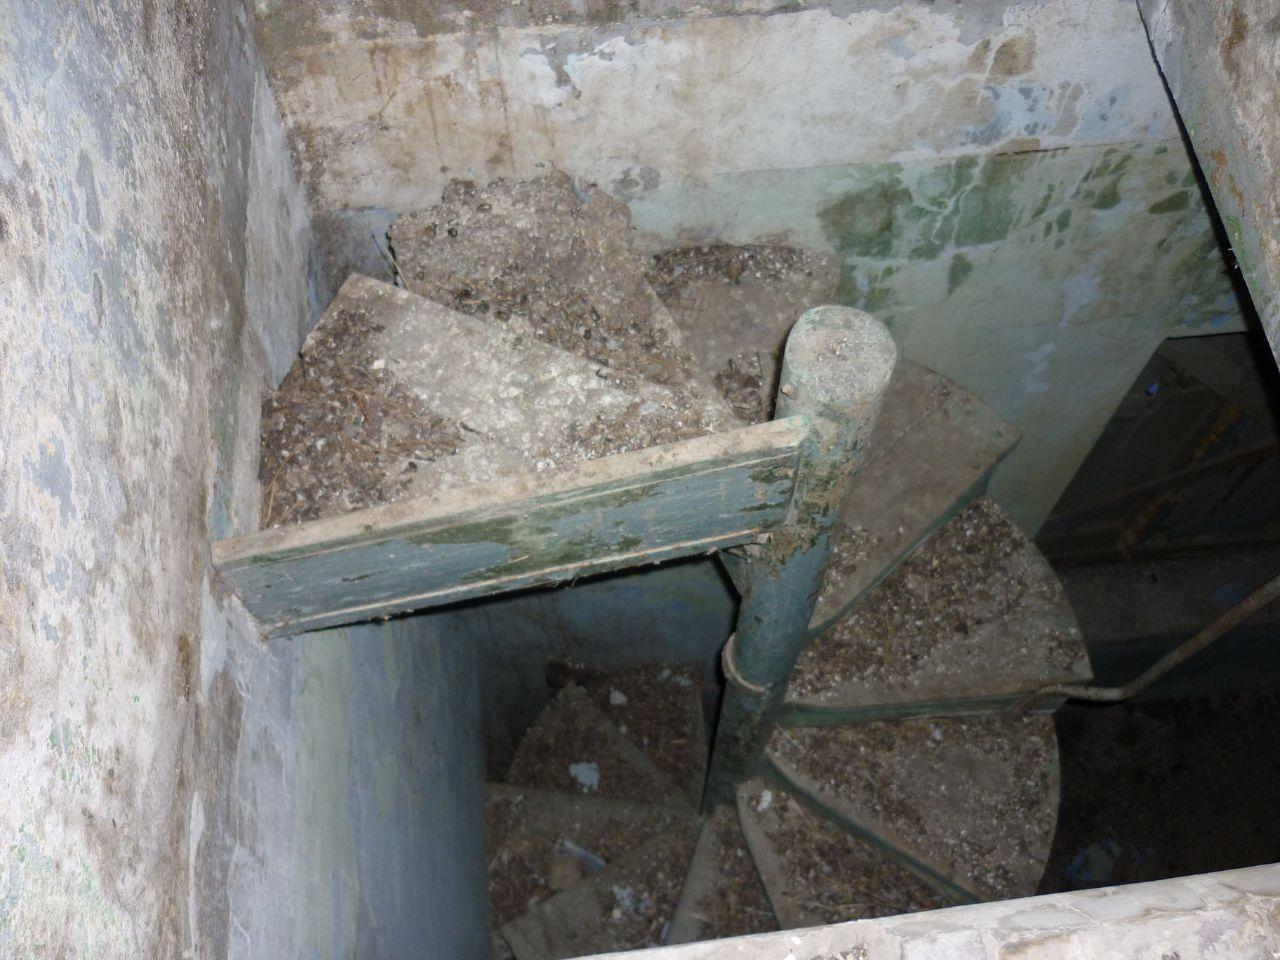 Η μία από τις δύο εσωτερικές σκάλες που οδηγούσαν στα επάνω στενά δωμάτια